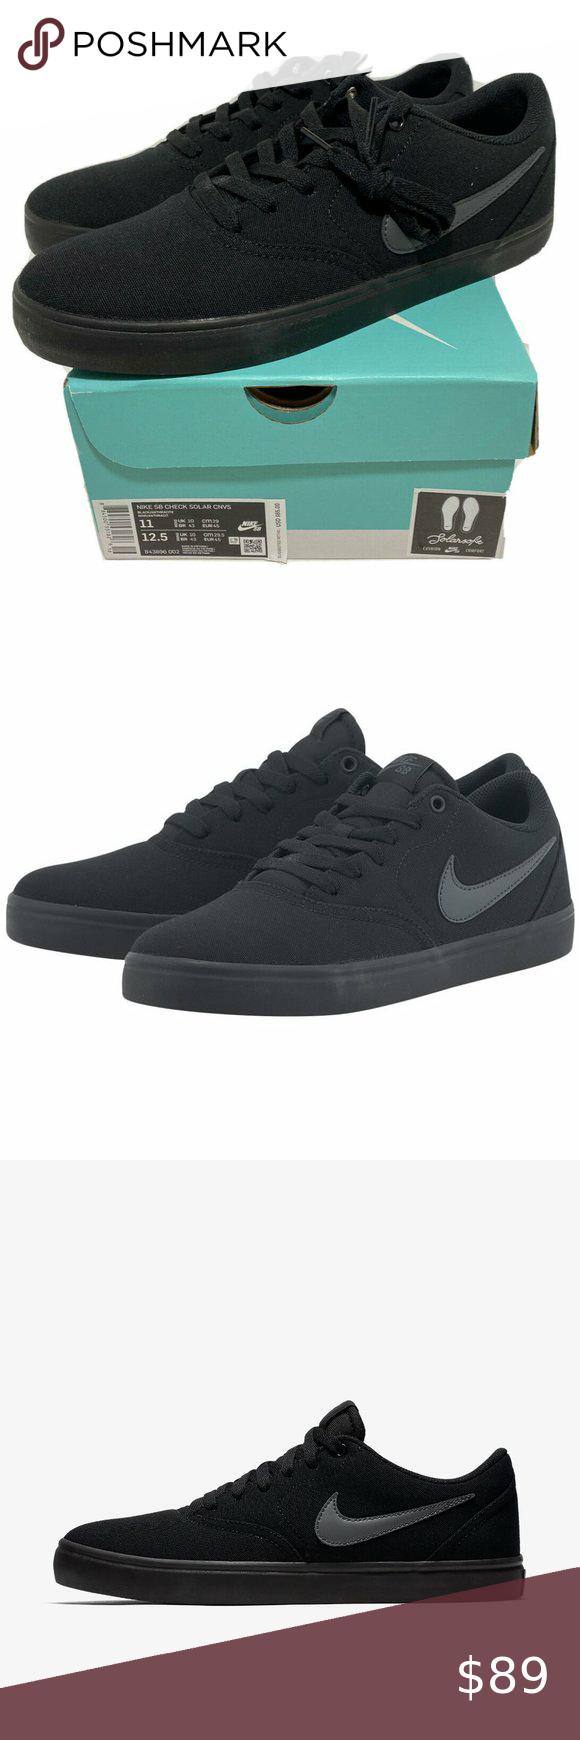 Nike Sb Check Solar Canvas Skateboard Shoes Nib Nike Sb Check Solar Canvas Skateboard Shoe Triple Black 843896 002 Mens Size 11 Condi Nike Nike Sb Black Nikes